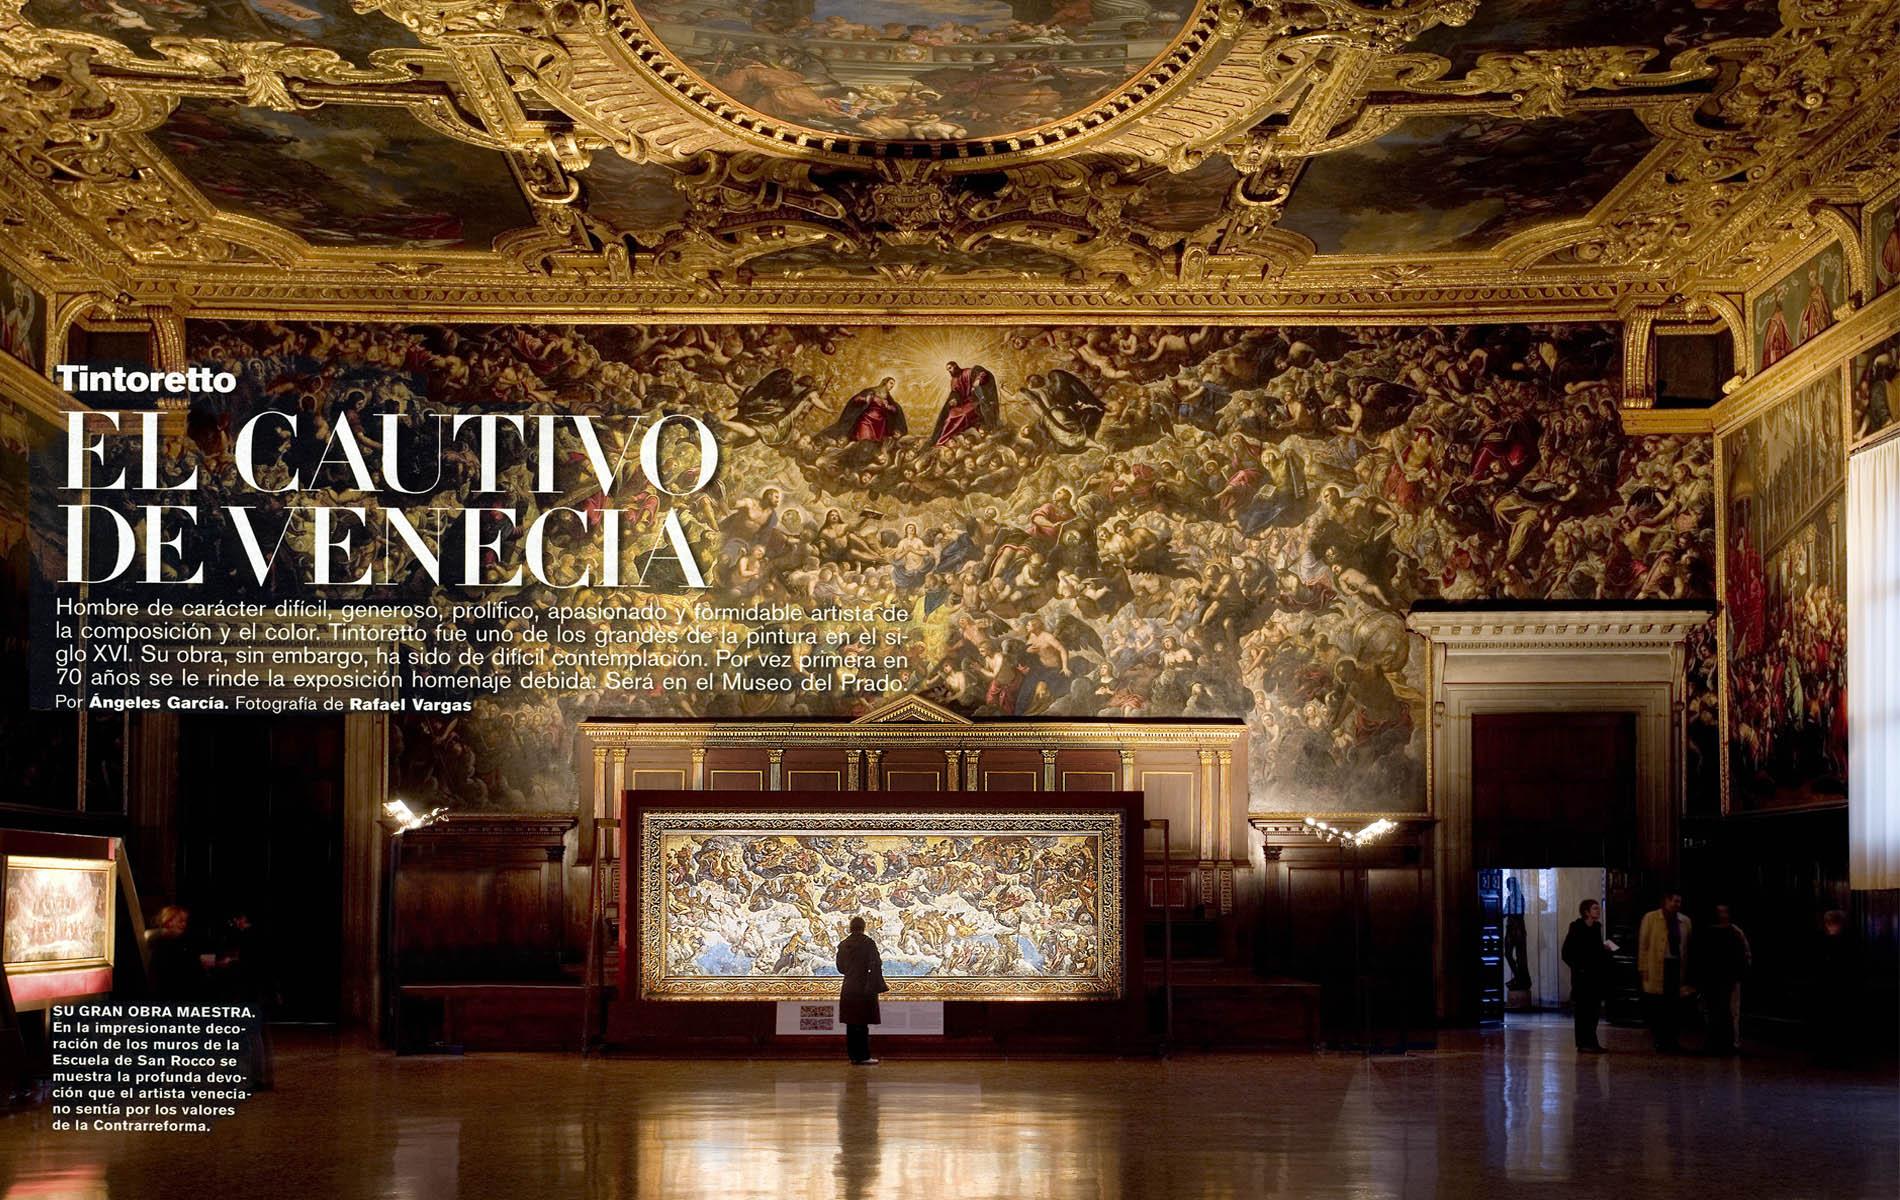 Tintoretto, el cautivo de Venecia.